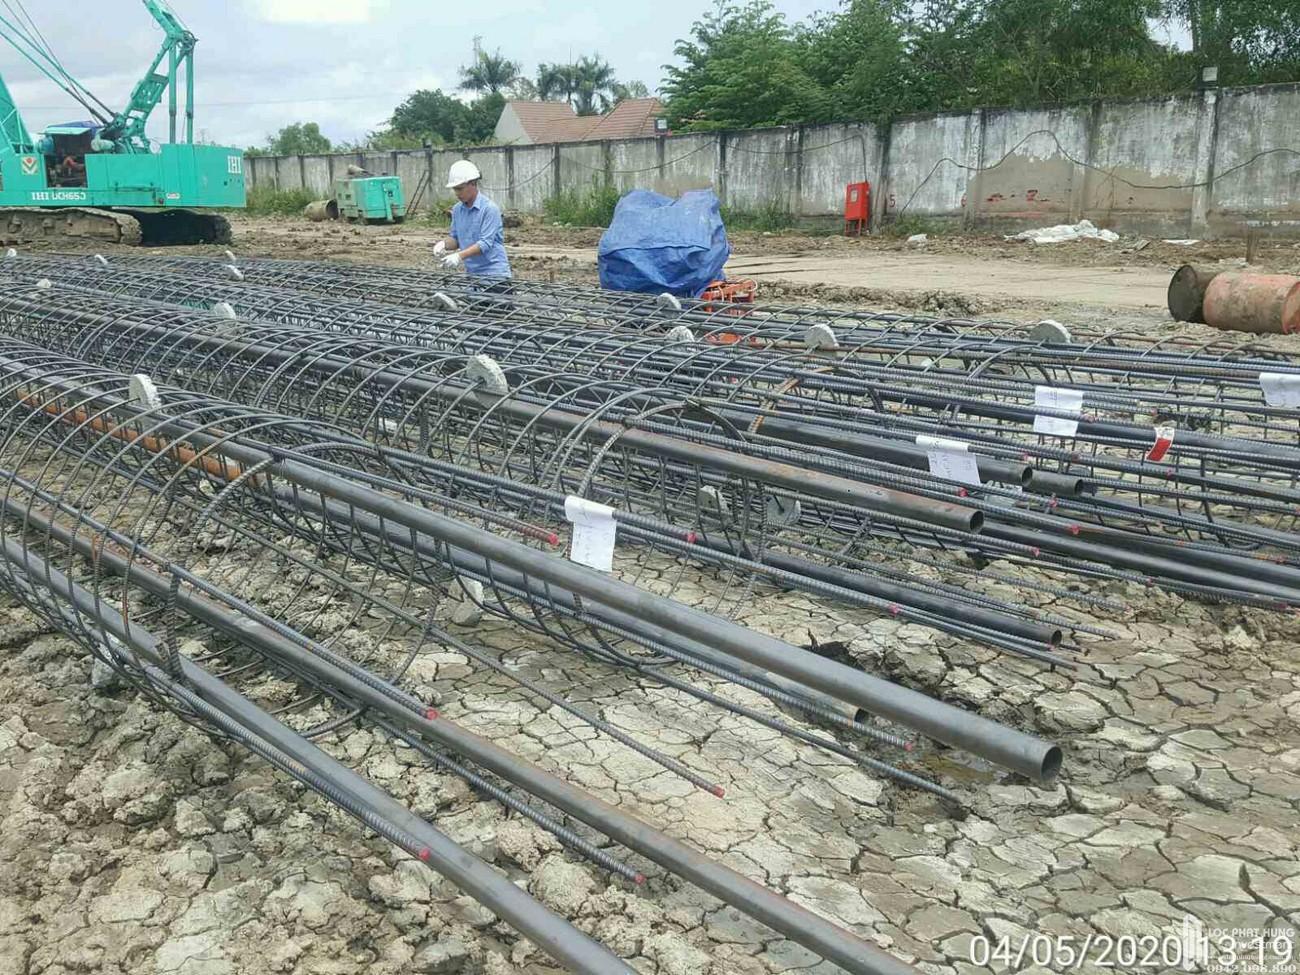 Tiến độ dự án căn hộ chung cư La Partenza Nhà Bè 05/2020